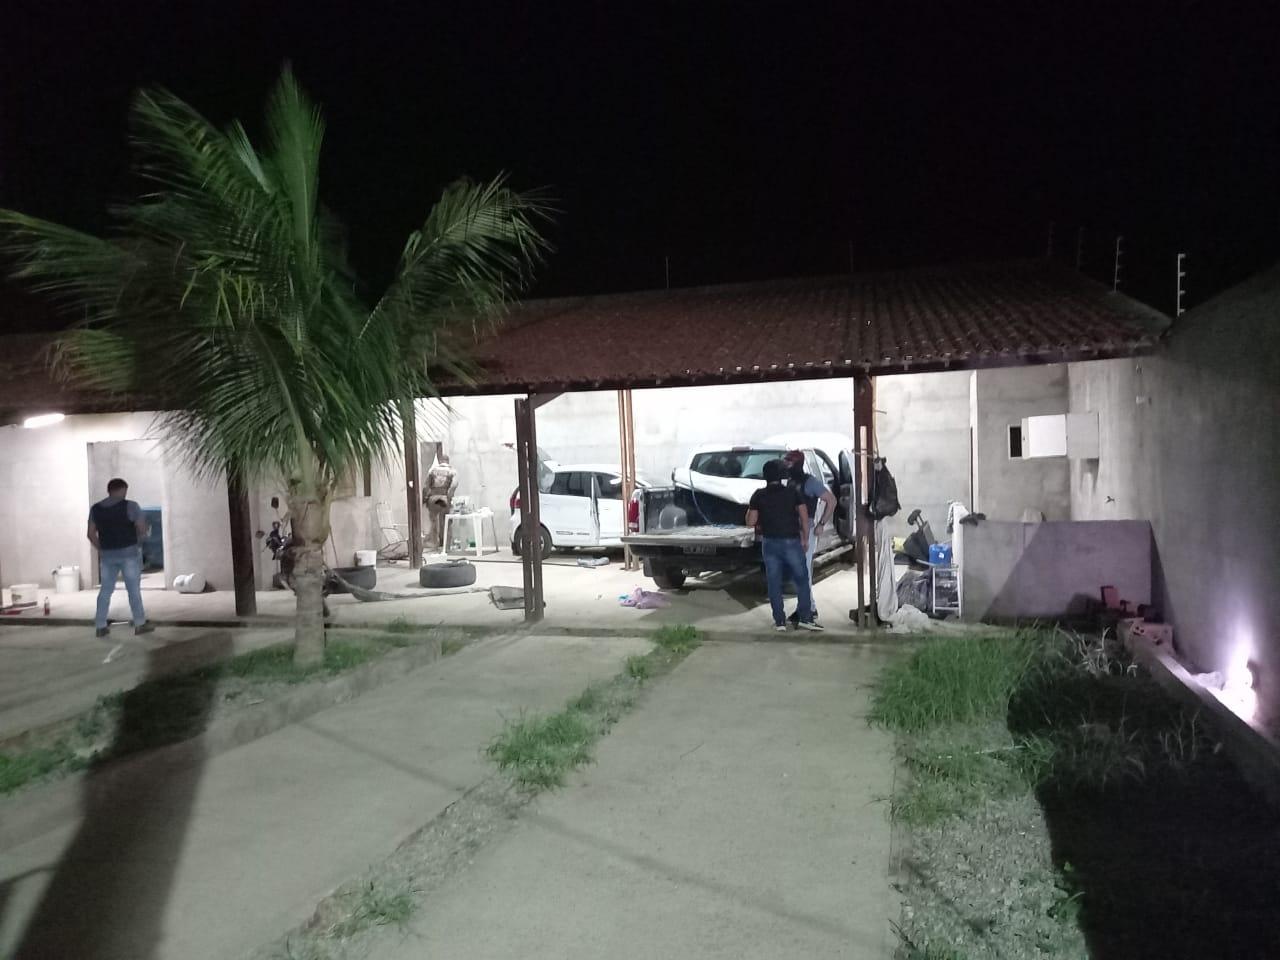 WhatsApp Image 2021 03 13 at 10.51.17 2 - AÇÃO CONJUNTA: Polícias Federal e Militar prendem traficante mais procurado no Nordeste - VEJA IMAGENS